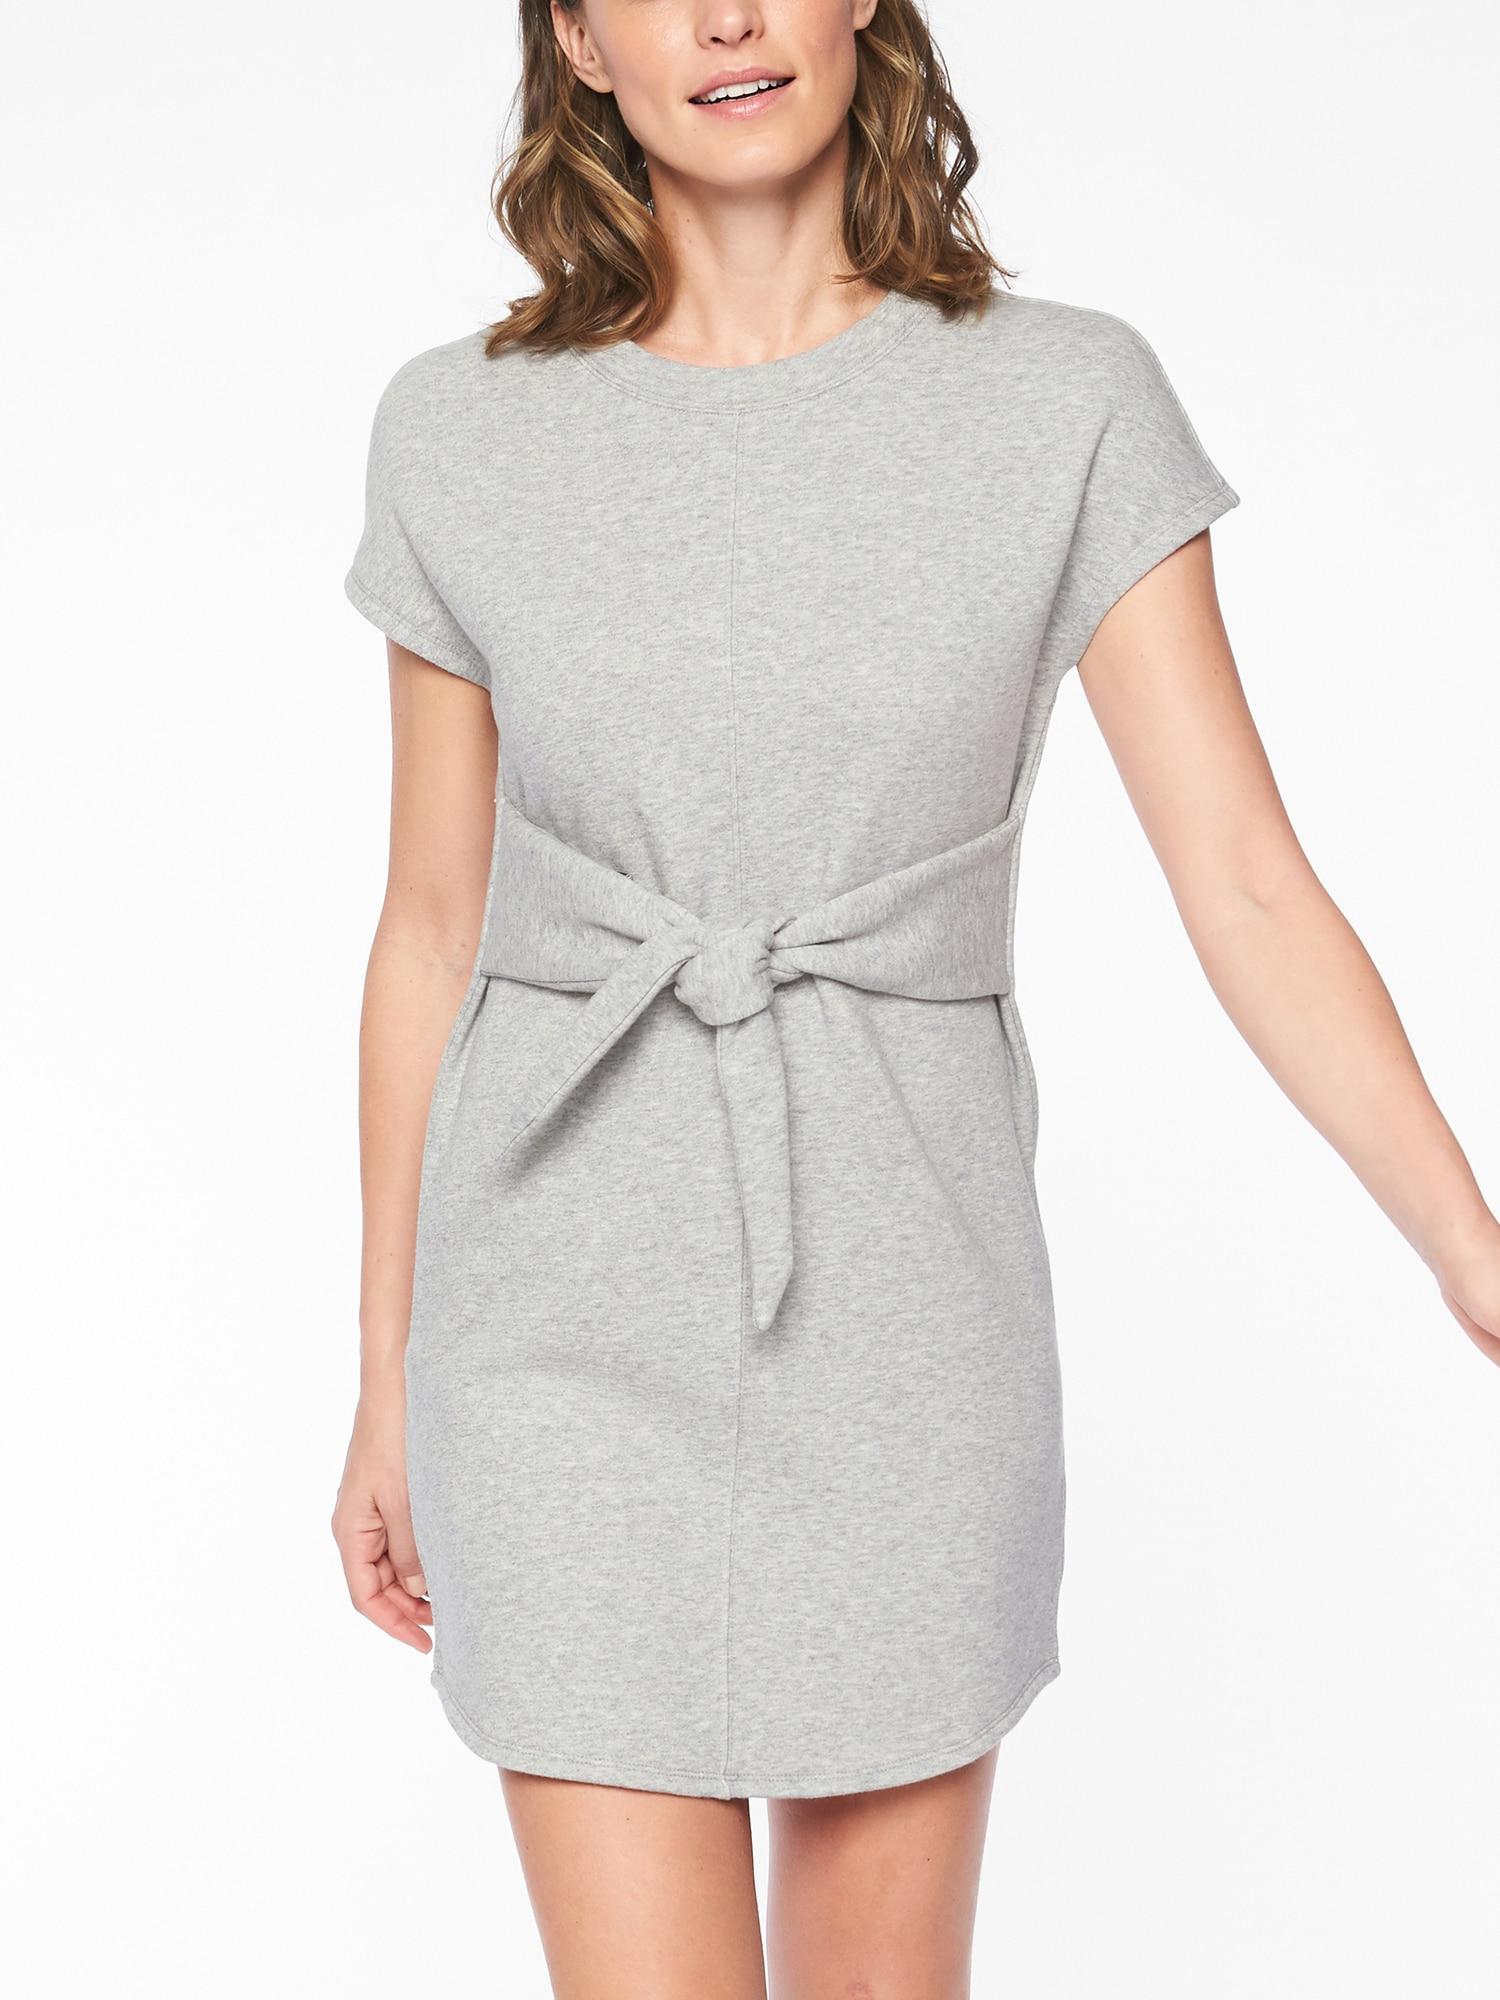 203ec39ee88 Lyst - Athleta Embrace Sweatshirt Dress in Gray